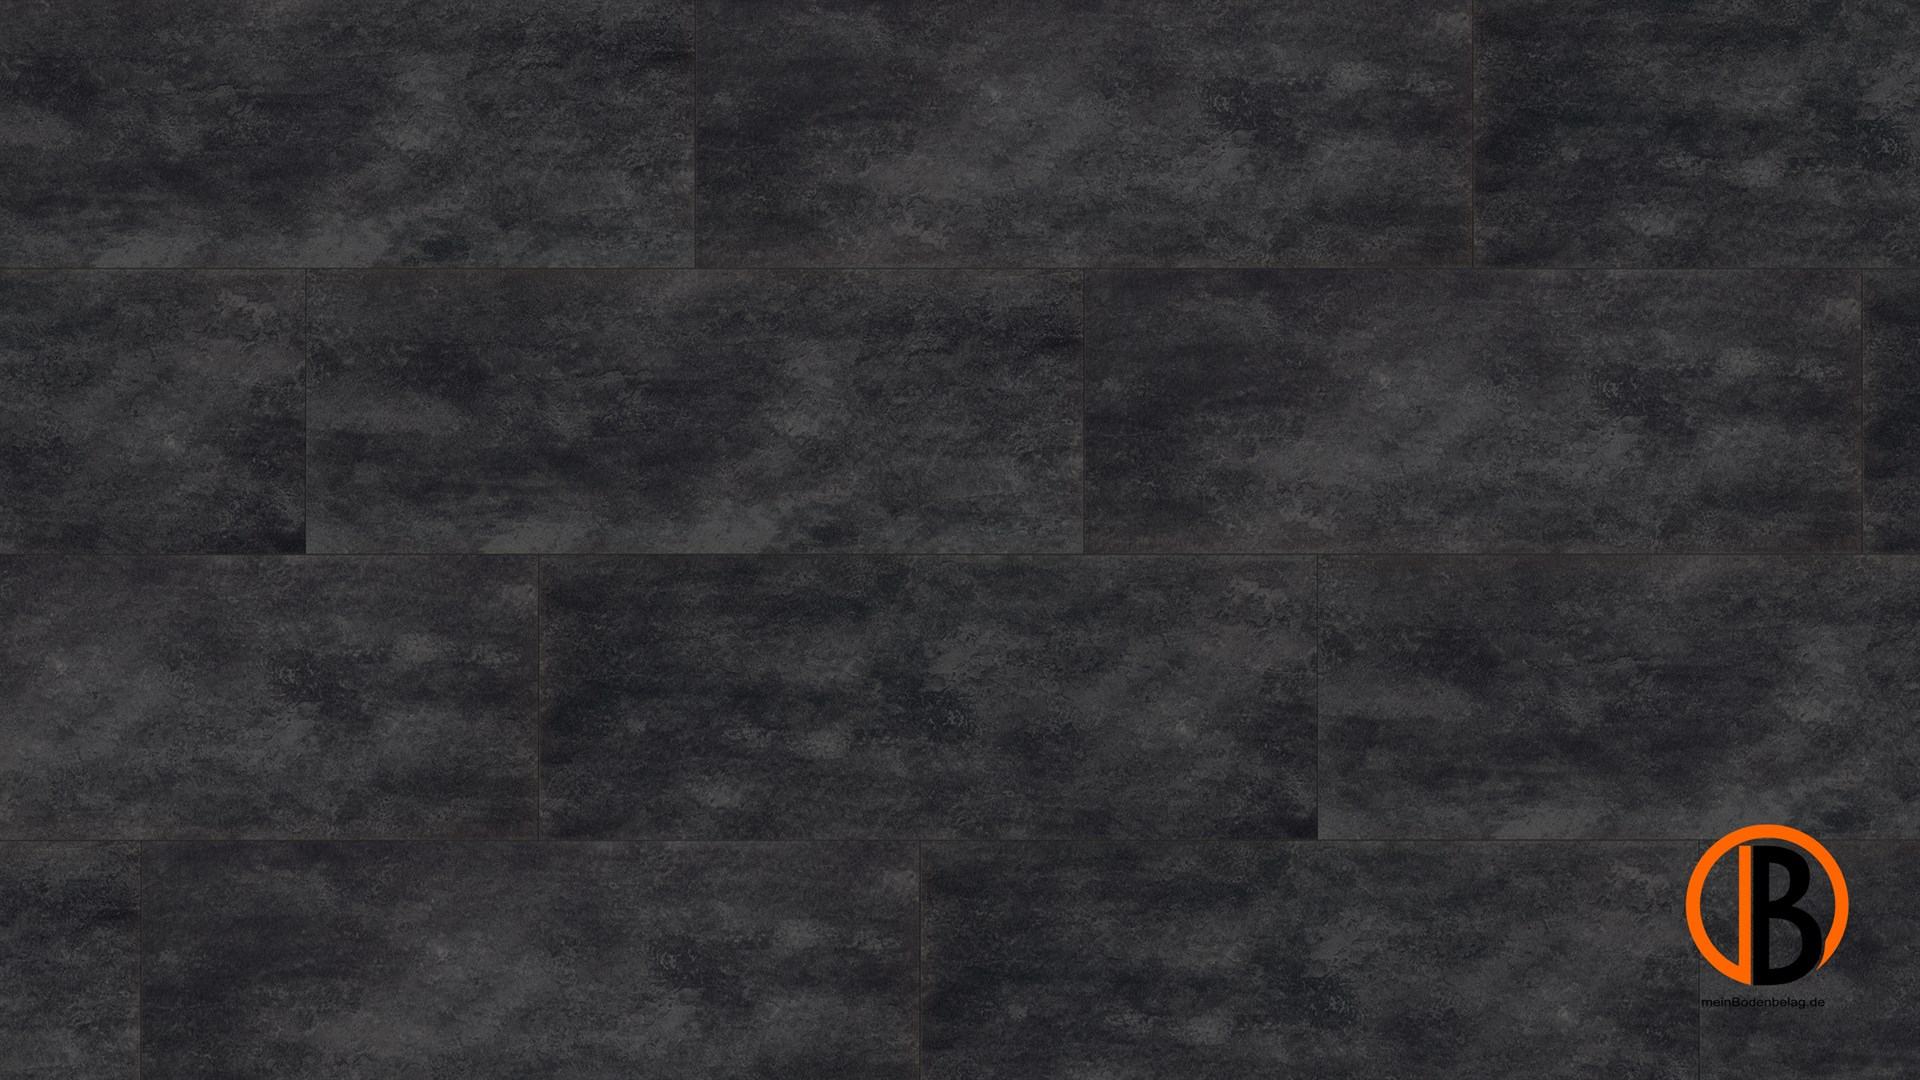 CINQUE KWG DESIGNERVINYL ANTIGUA STONE HDF | 10000266;0 | Bild 1